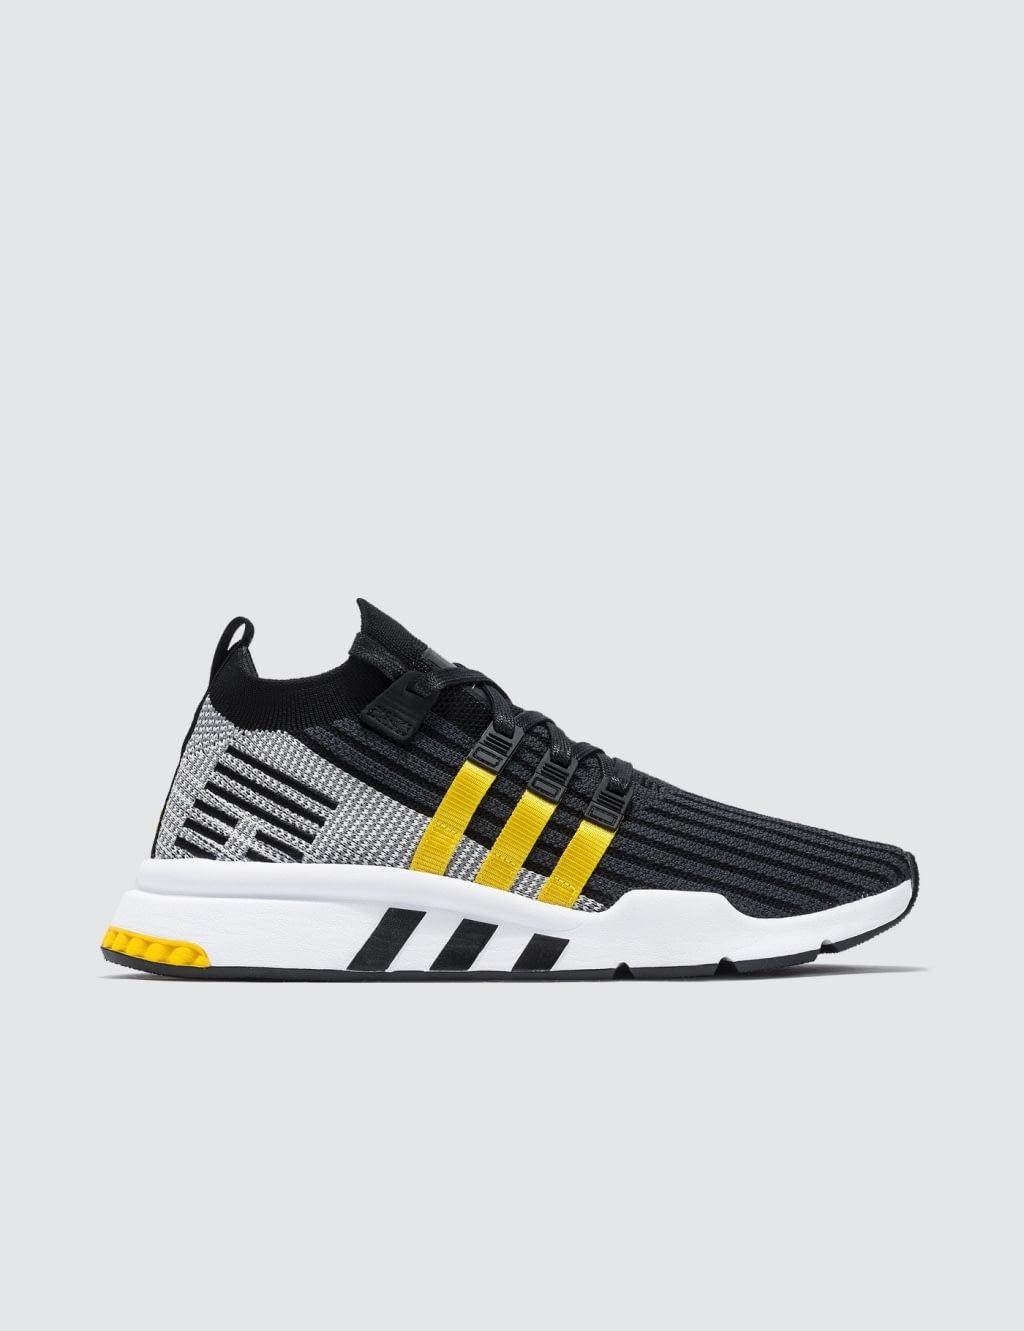 ... Adidas Originals EQT Support Mid ADV Primeknit ...